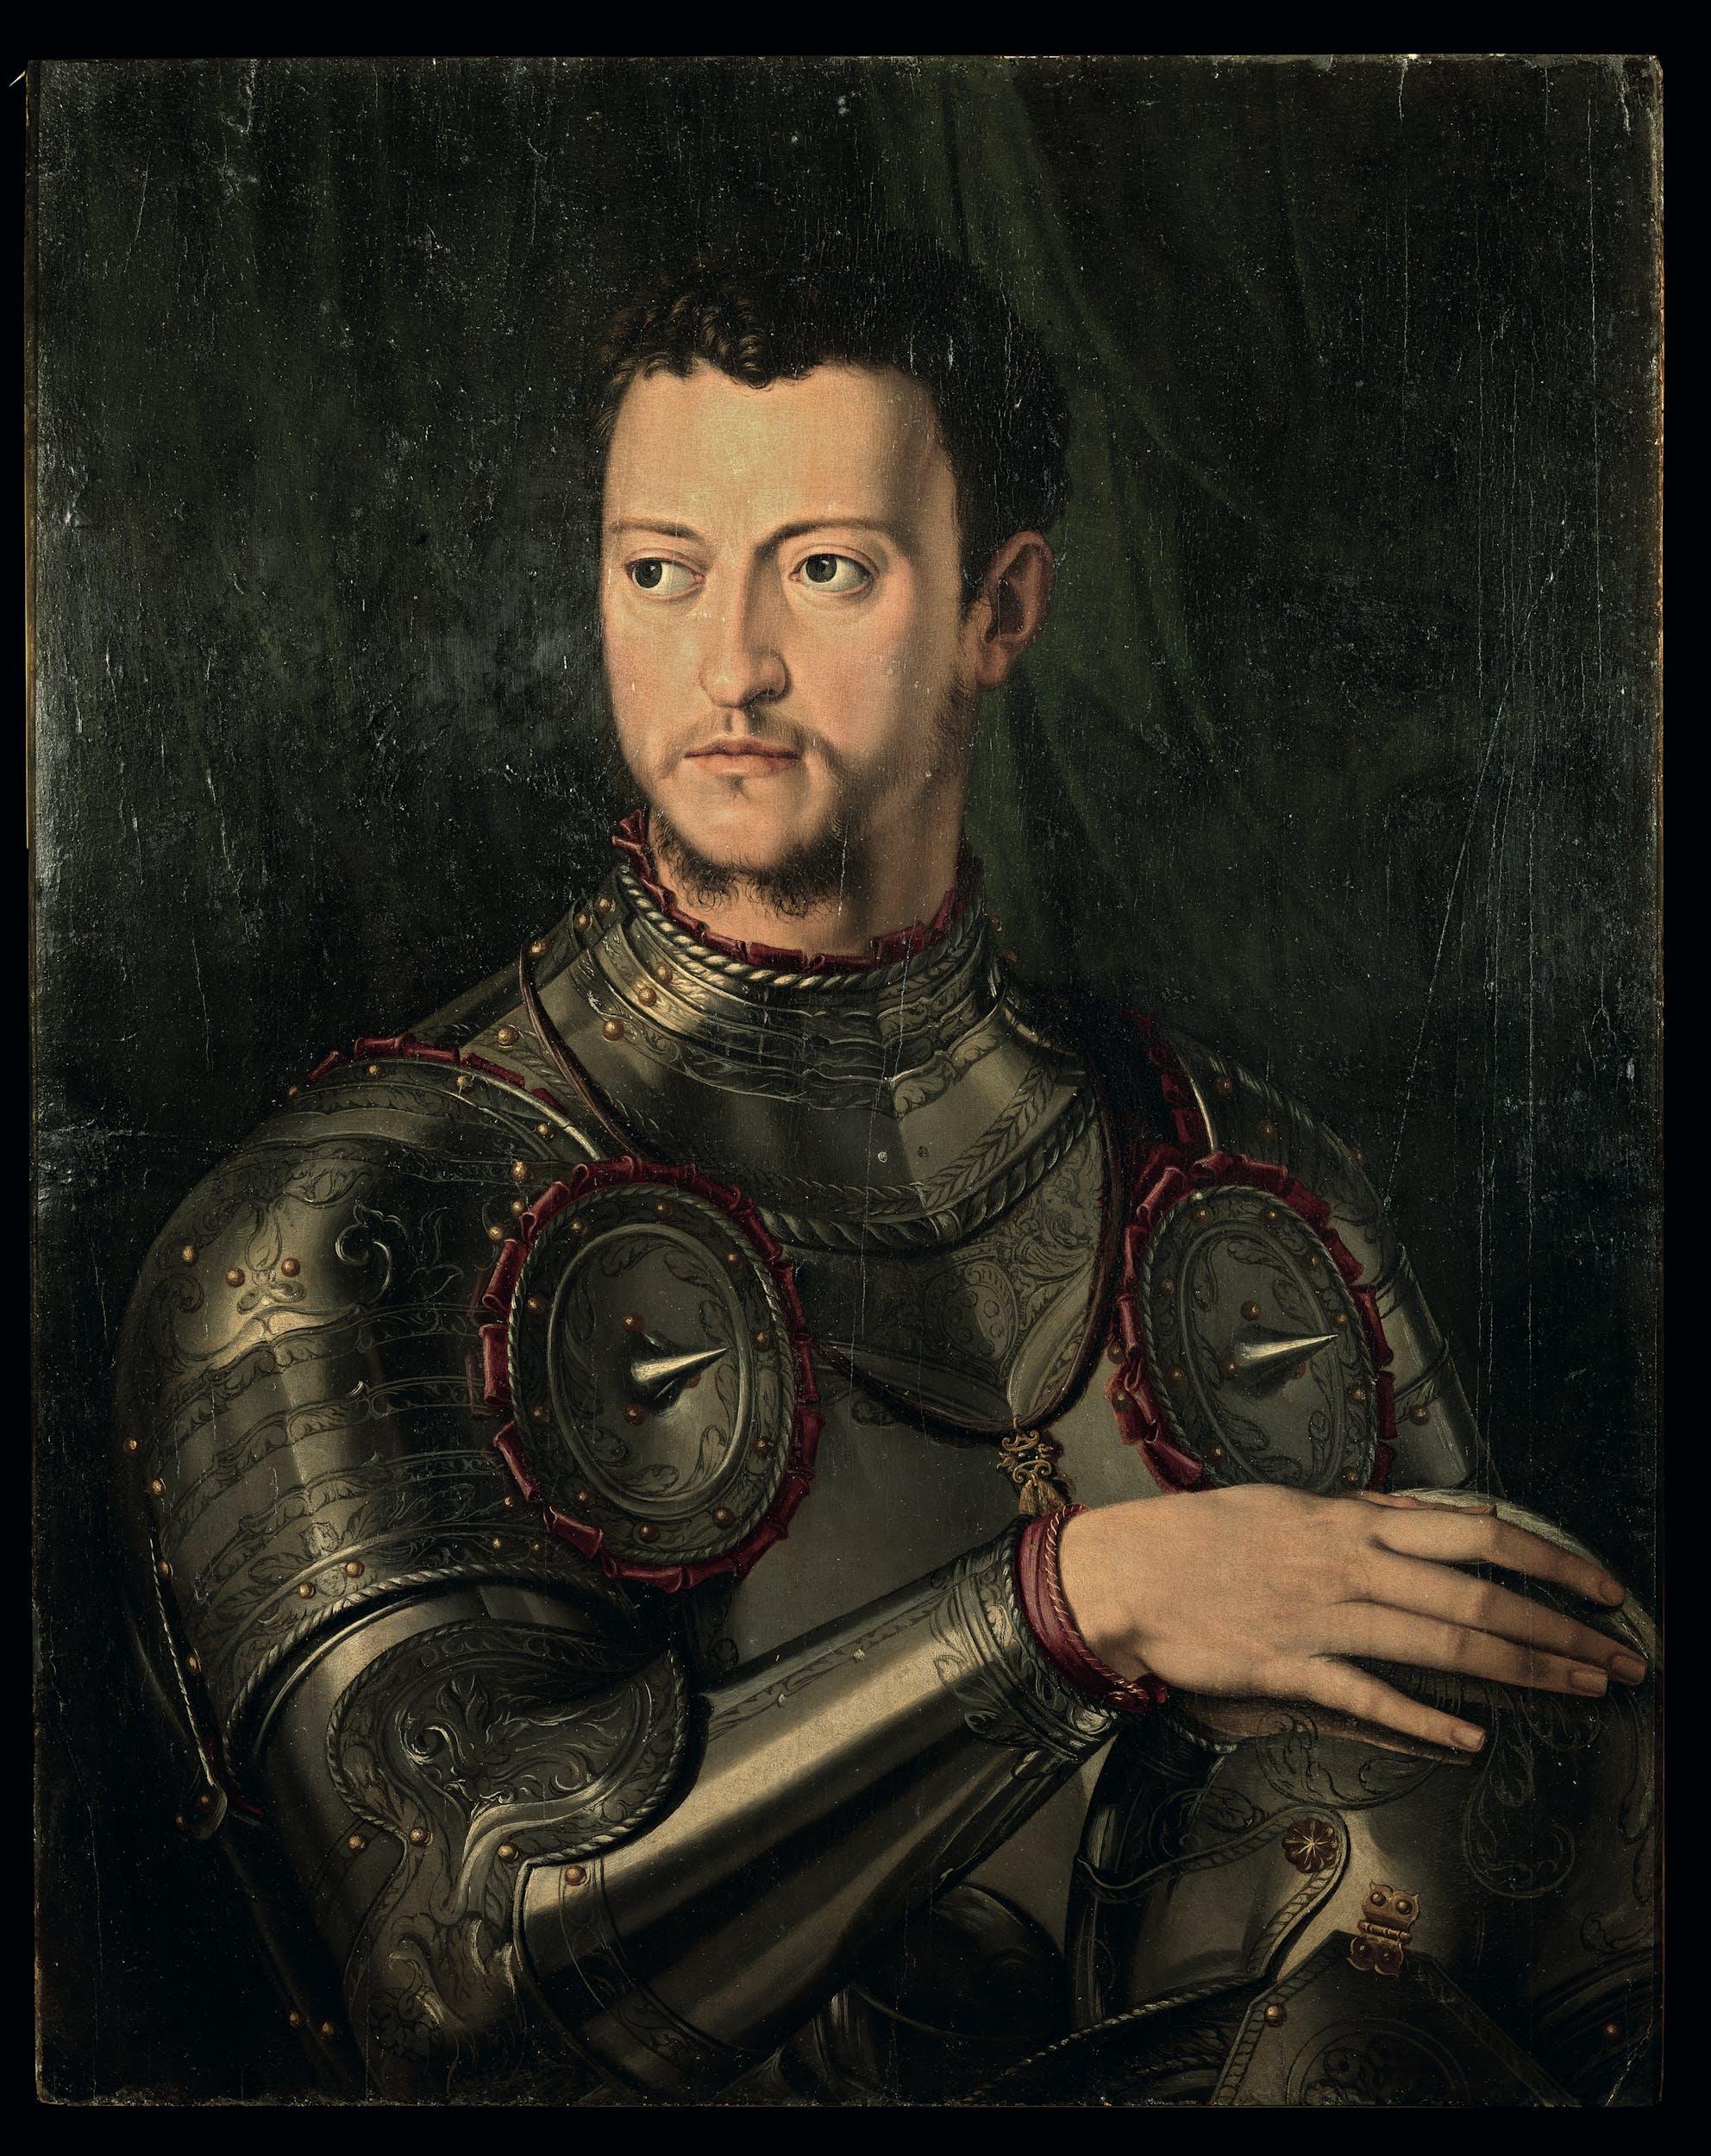 Bottega di Agnolo Bronzino Ritratto di Cosimo I de' Medici in armatura 1543-1545 olio su tavola Galleria Palatina, Gallerie degli Uffizi, Firenze